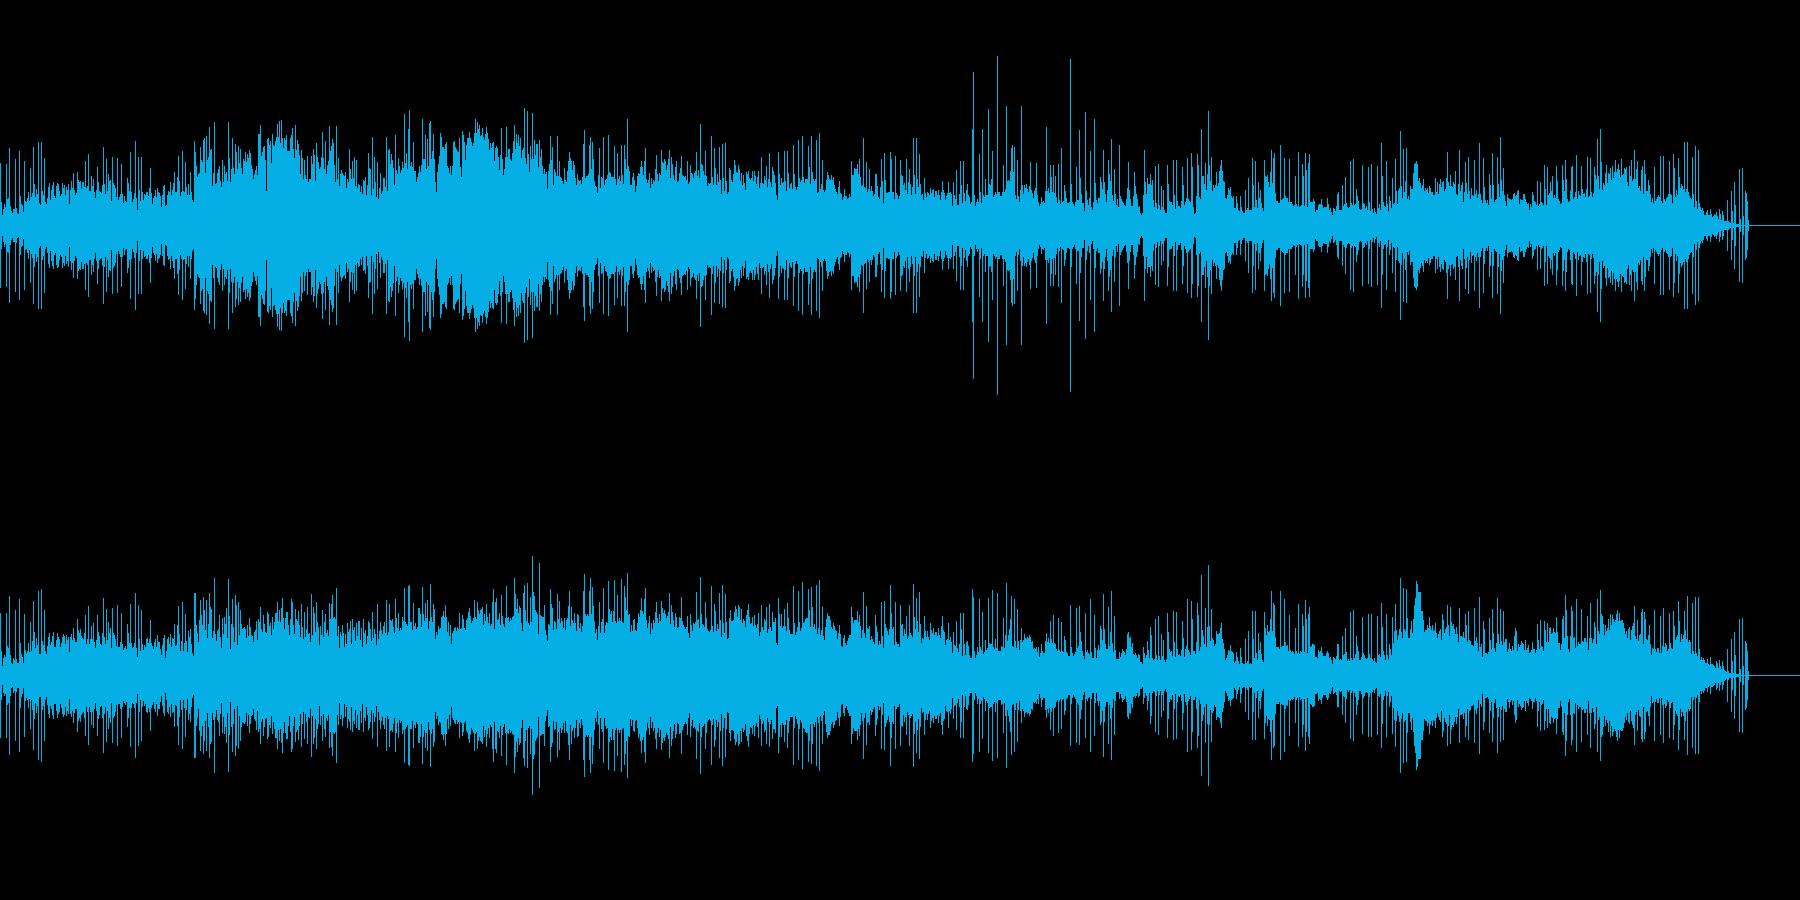 シンプルなサウンドスケープの再生済みの波形